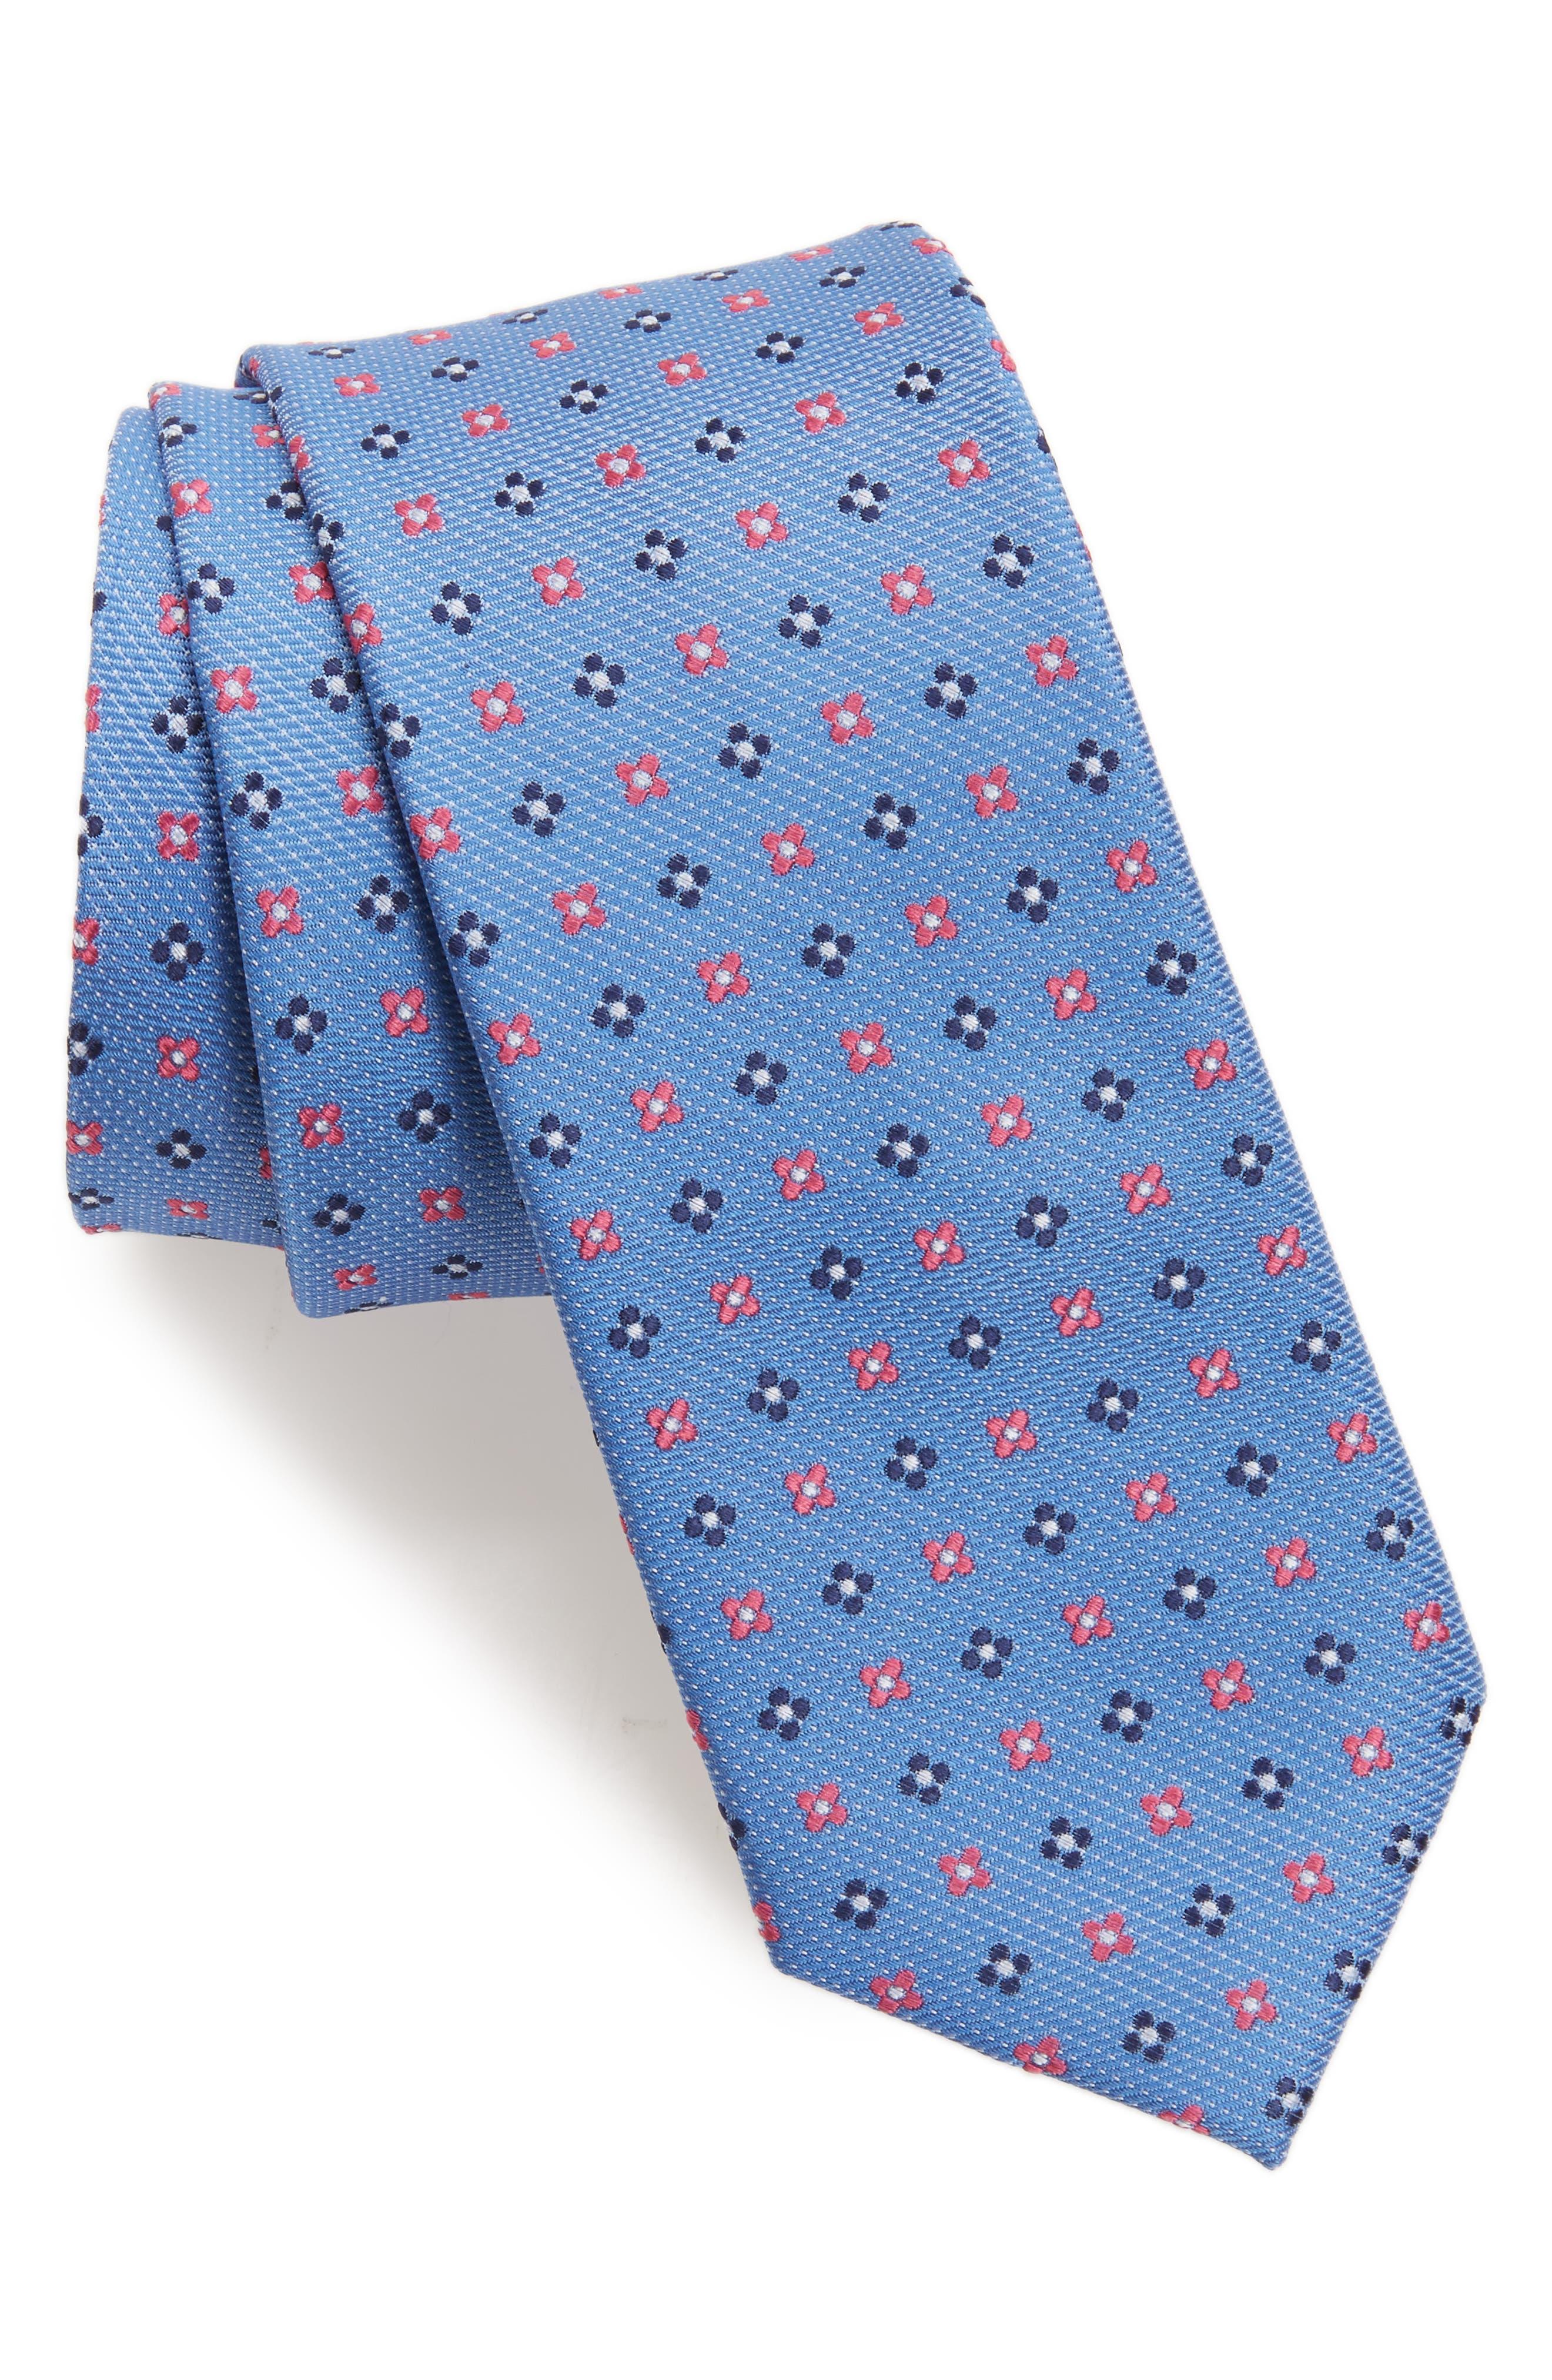 Main Image - Nordstrom Men's Shop Neat Silk Tie